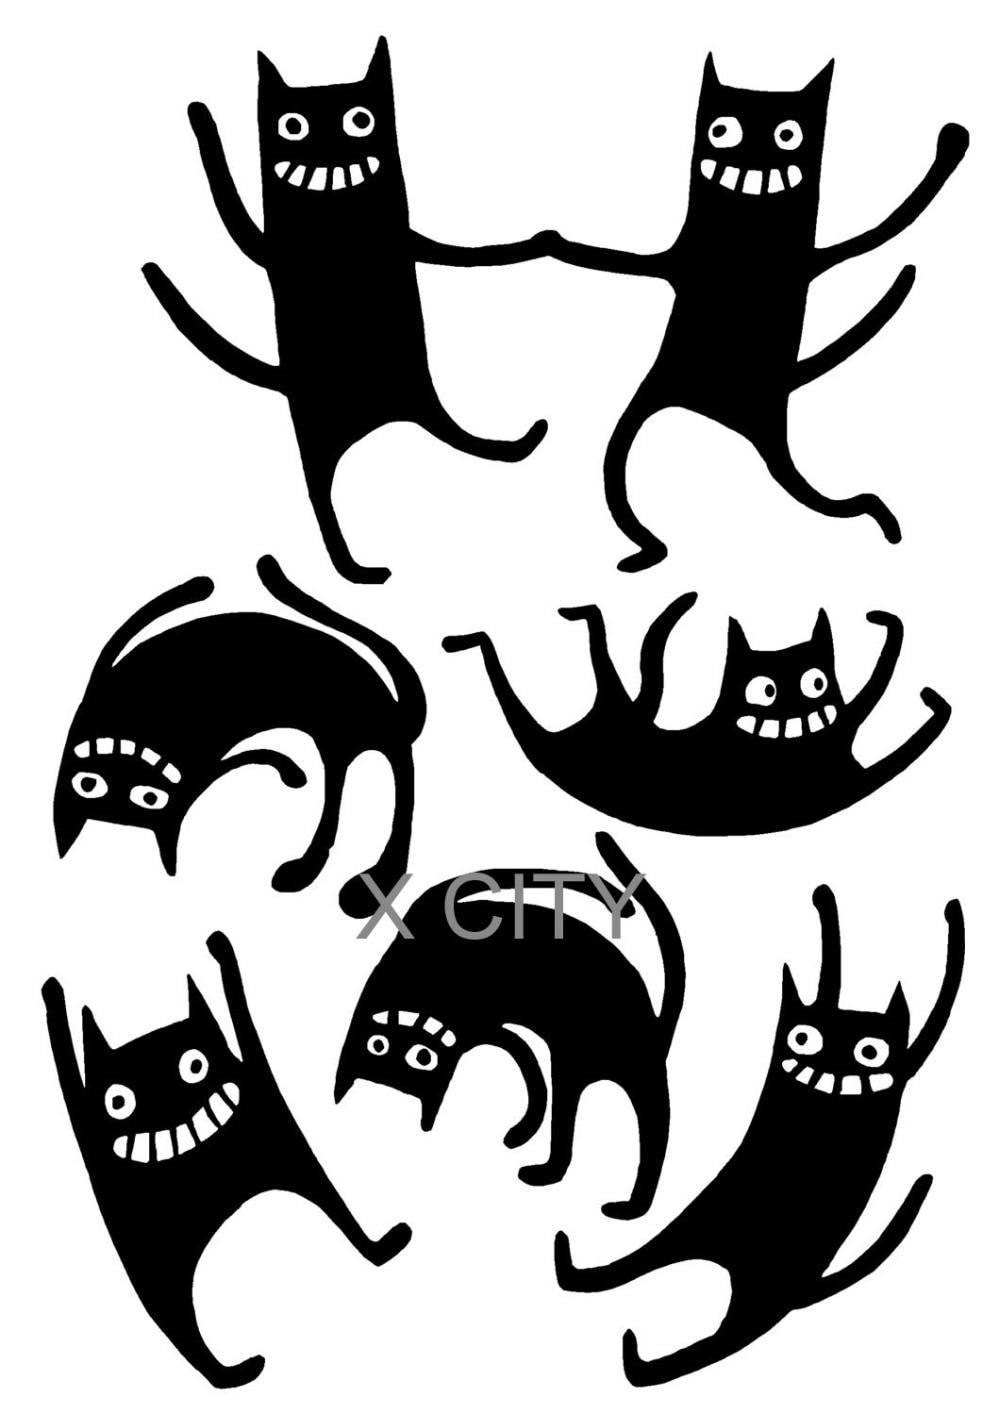 Cats Black Wall Art Decal Sticker